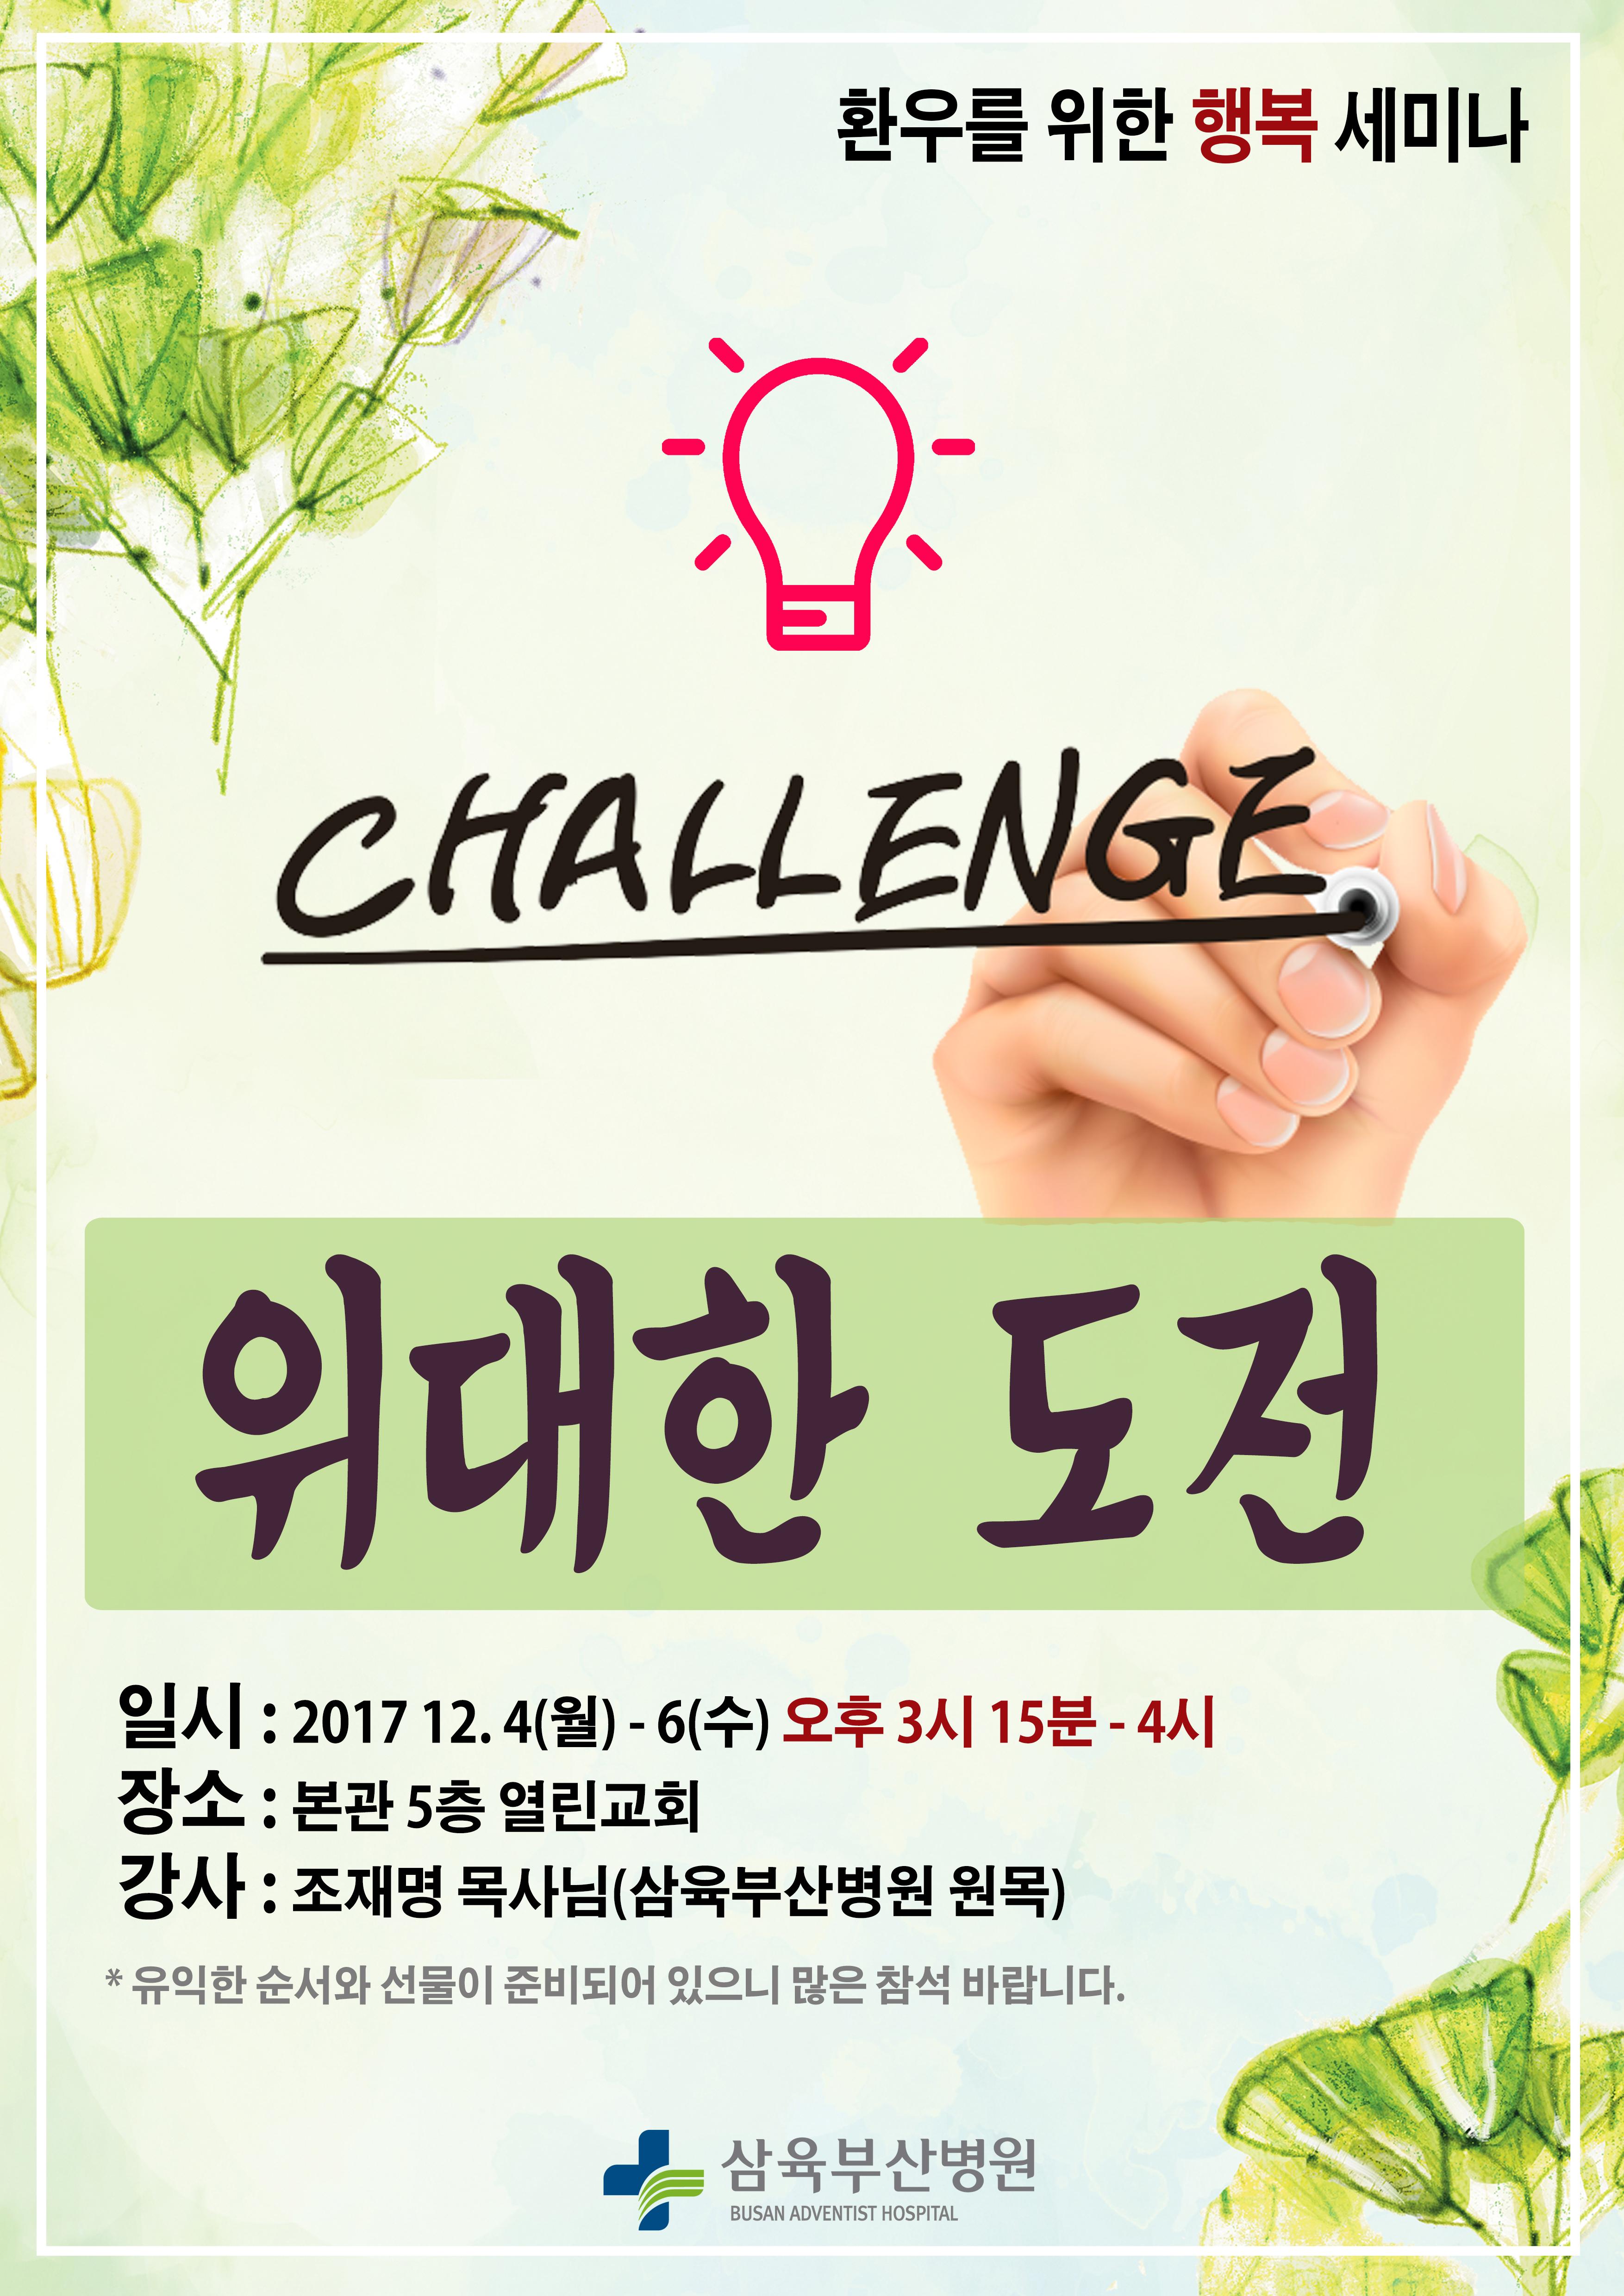 201712_환우전도회 포스터(조재명)